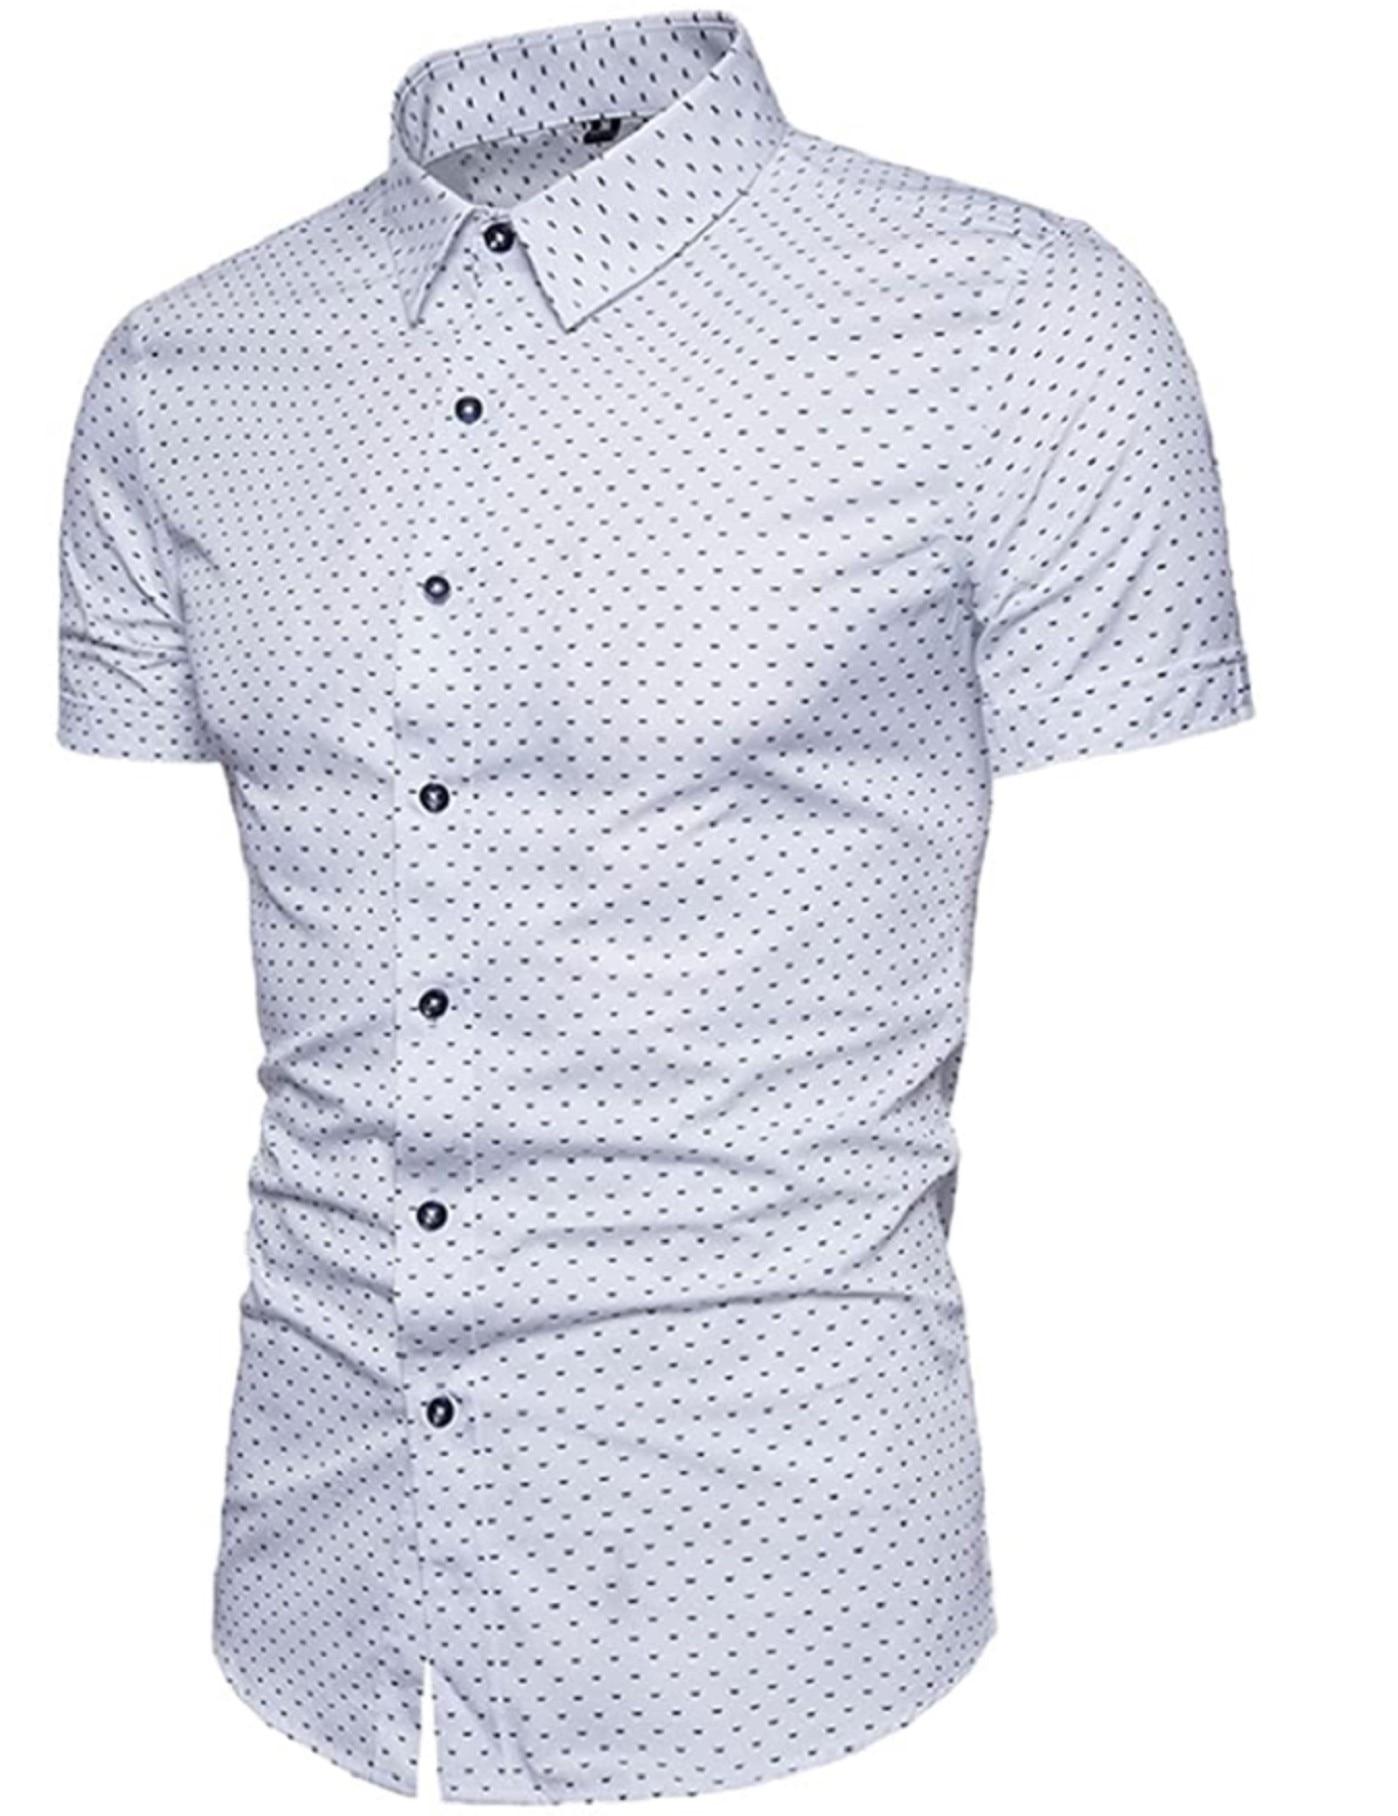 الرجال المطبوعة قميص غير رسمي القطن سليم صالح قصيرة الأكمام الصيف قميص 4 ألوان